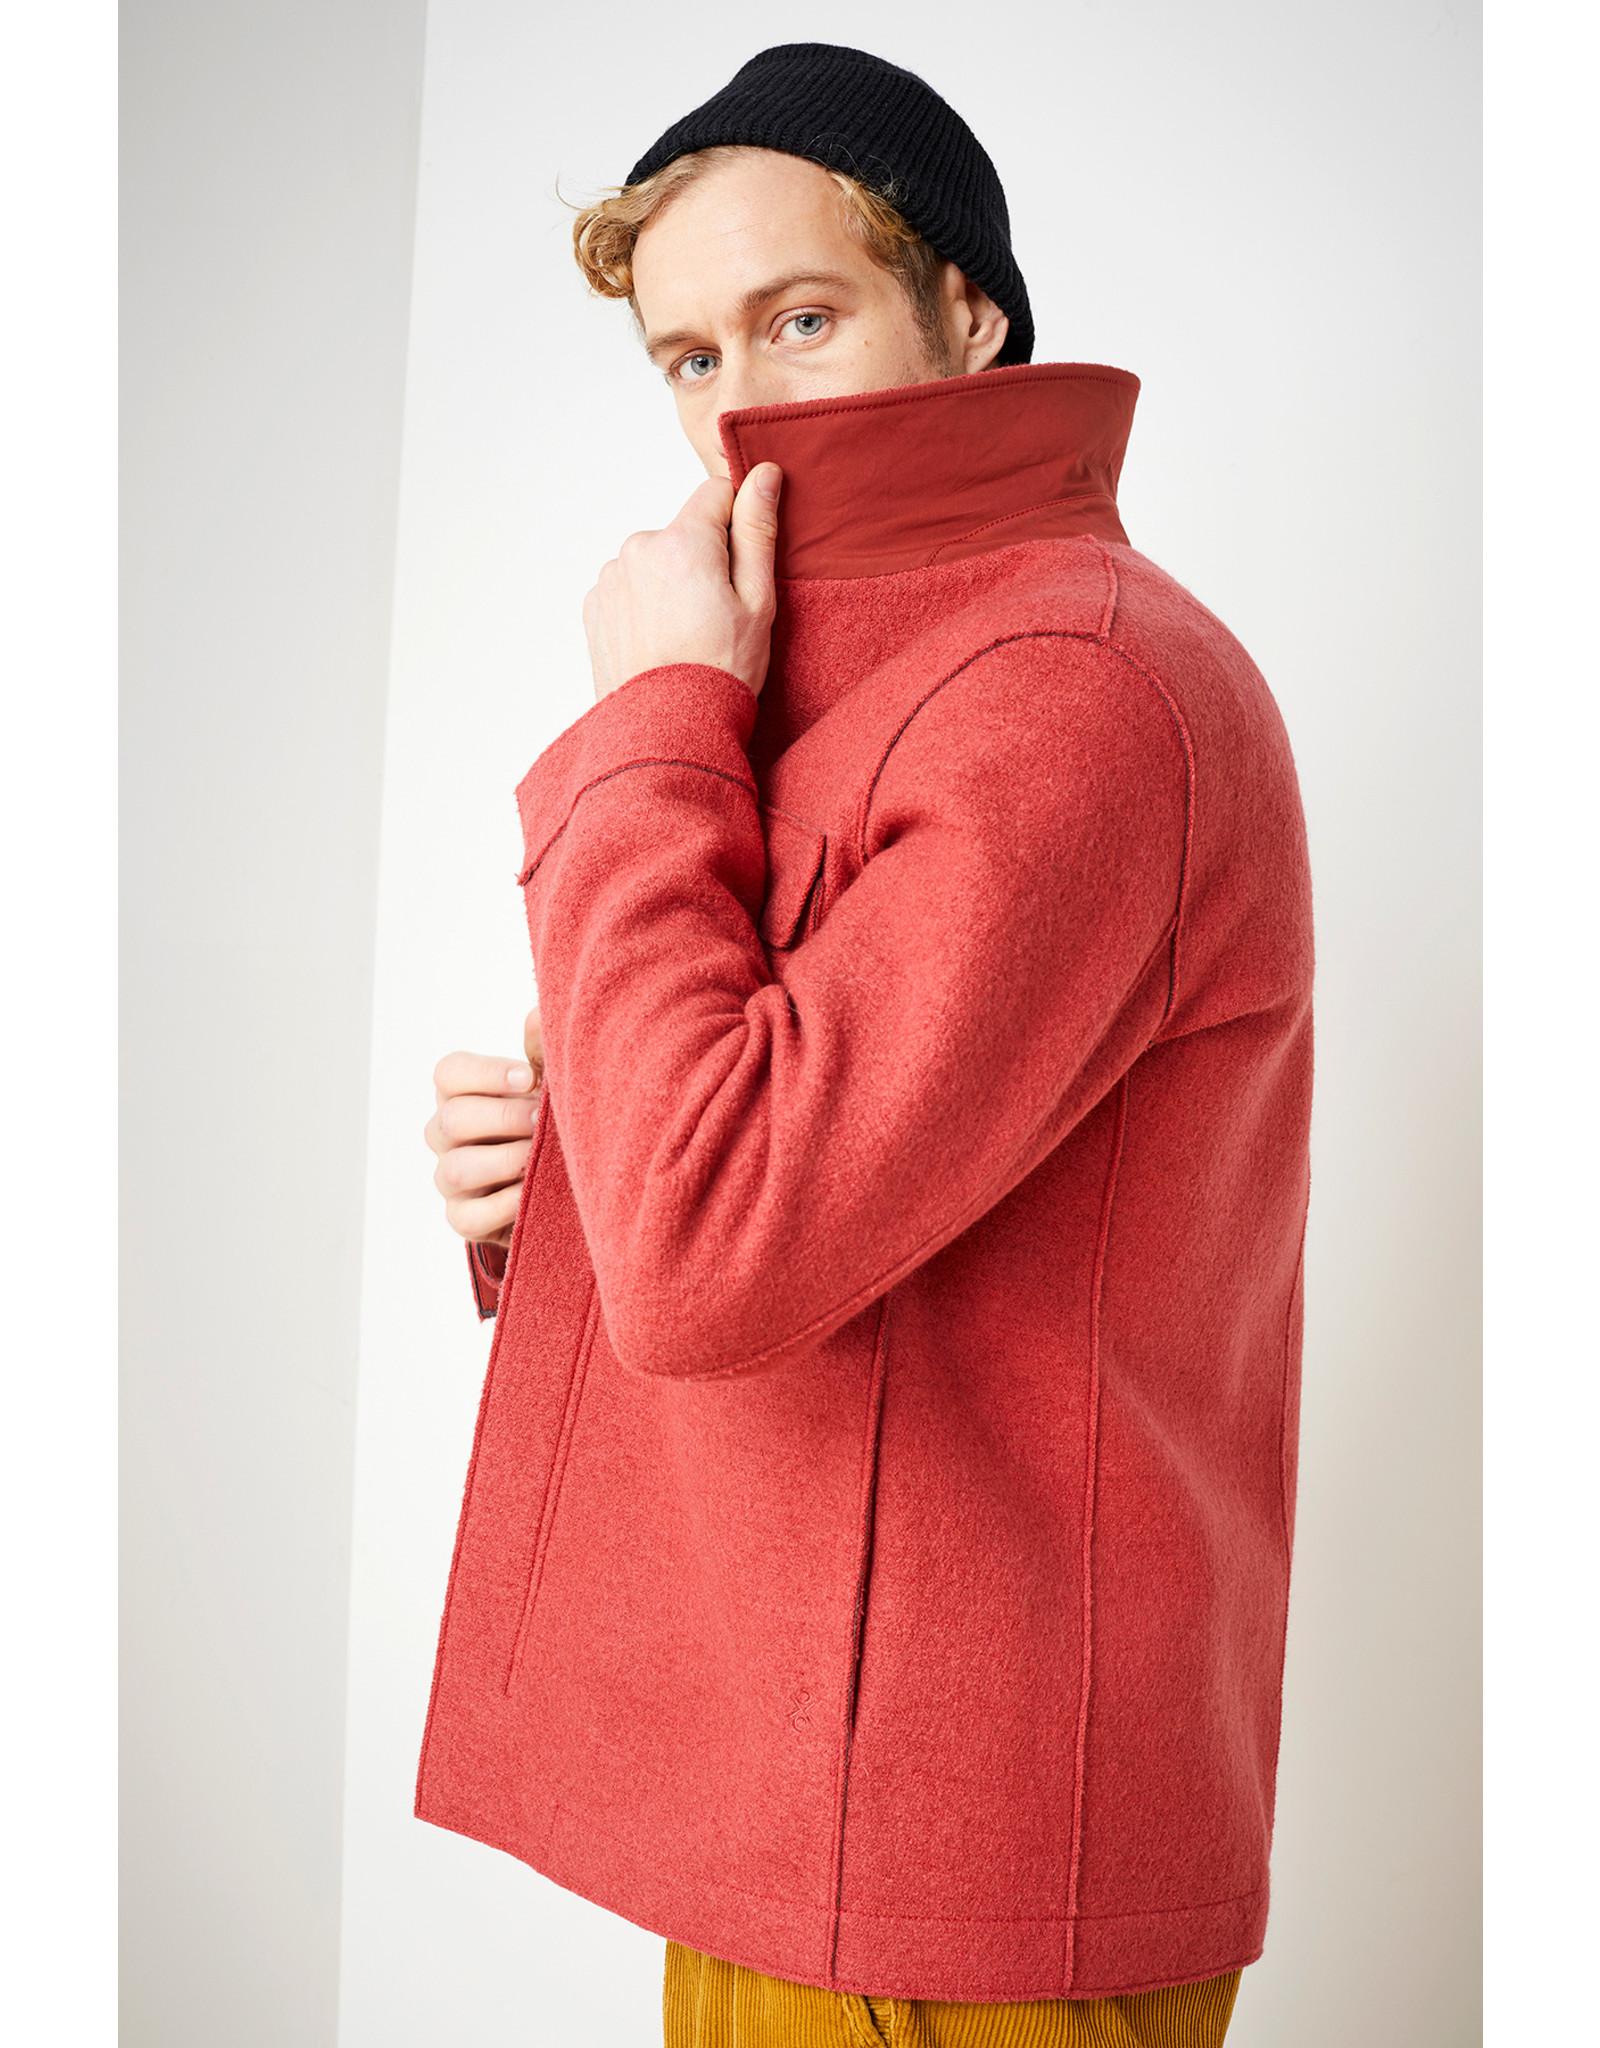 LangerChen Jacket Clent